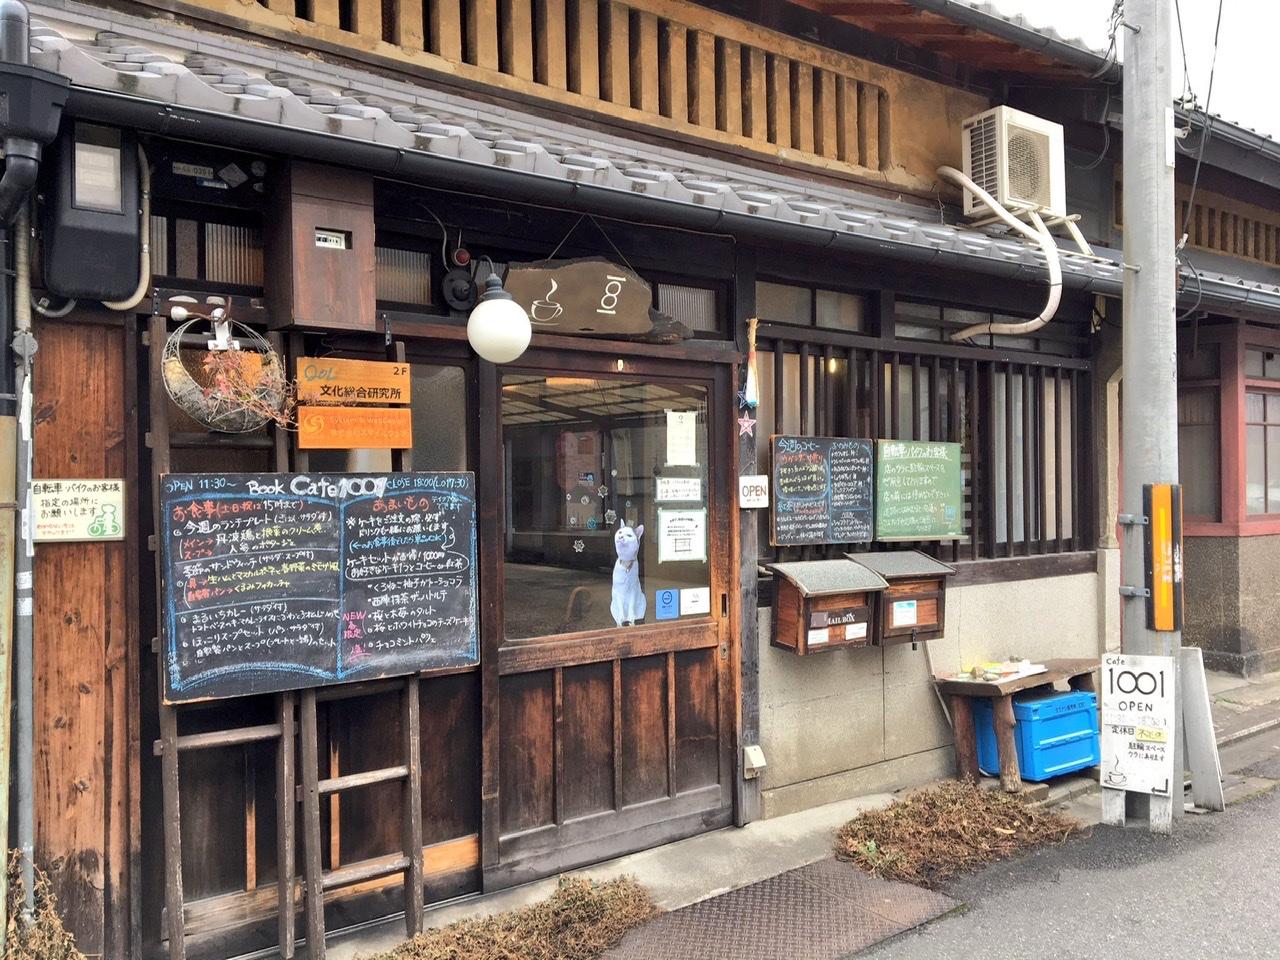 【お取り寄せスイーツ】チョコミン党の聖地と言われる京都『Cafe 1001』のケーキ4種_1